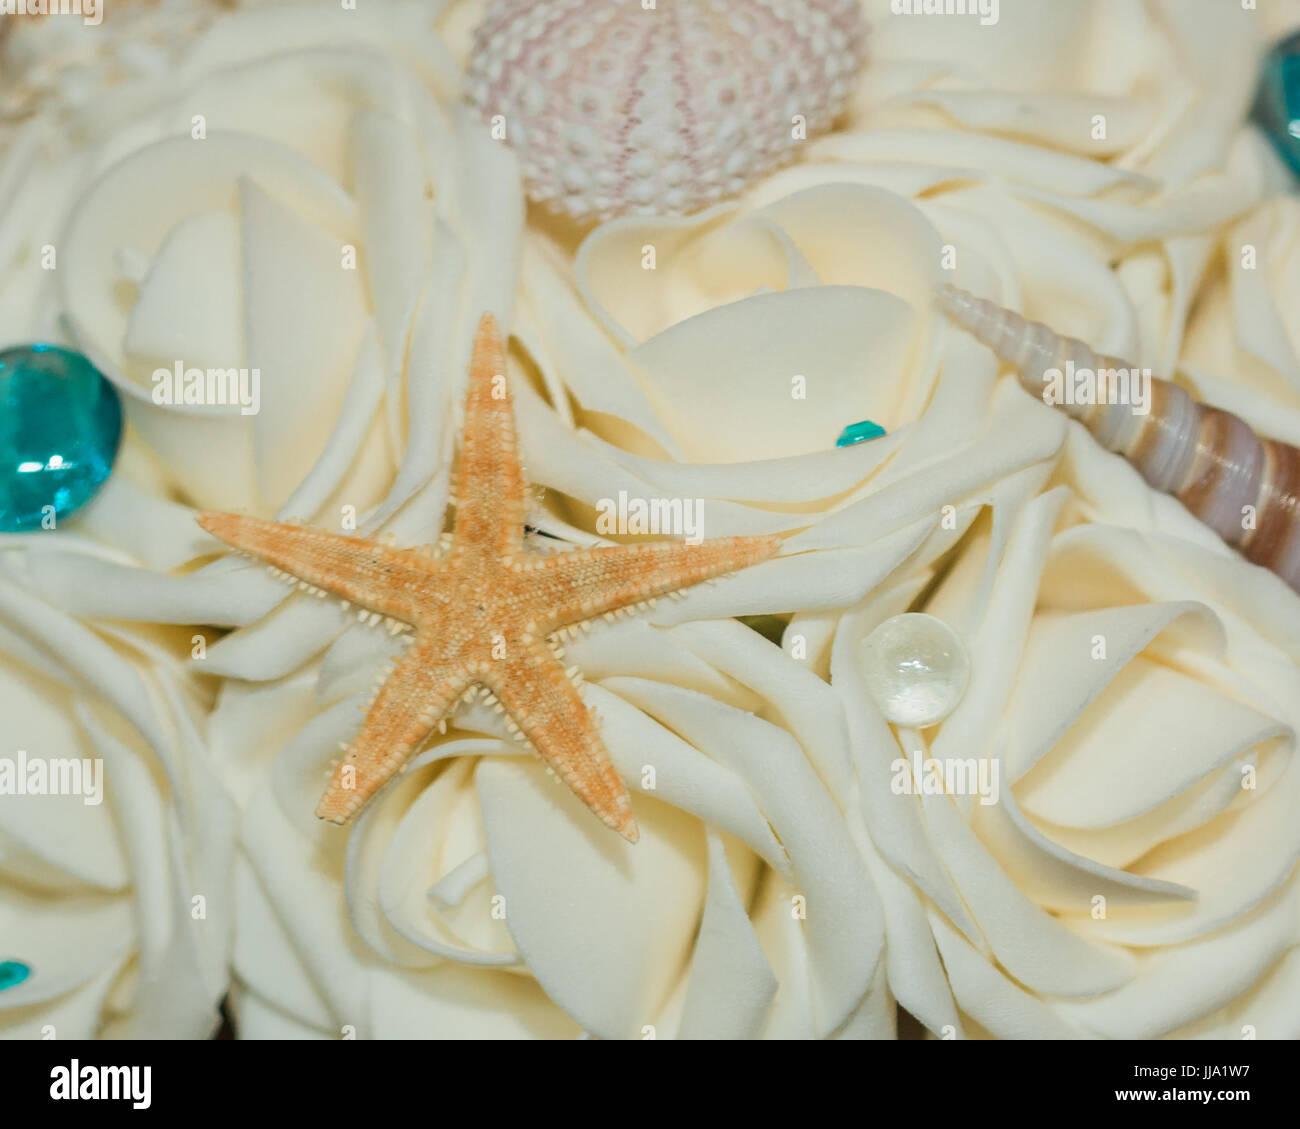 Matrimonio Tema Spiaggia : Carino divertente fatti a mano. spiaggia oceano a tema matrimonio